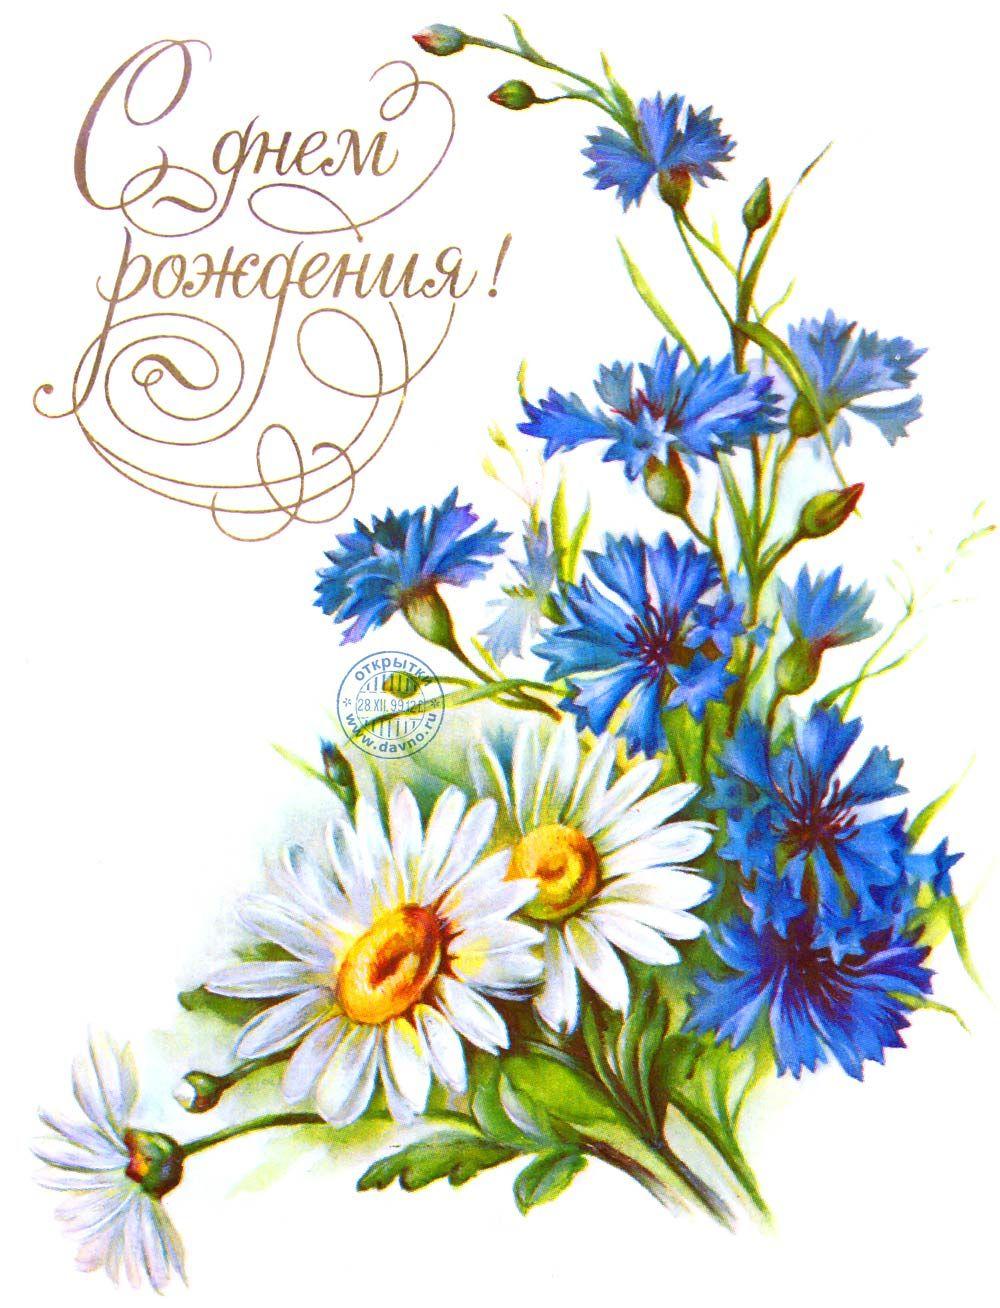 Полевые цветы - васильки и ромашки | Цветочные картины